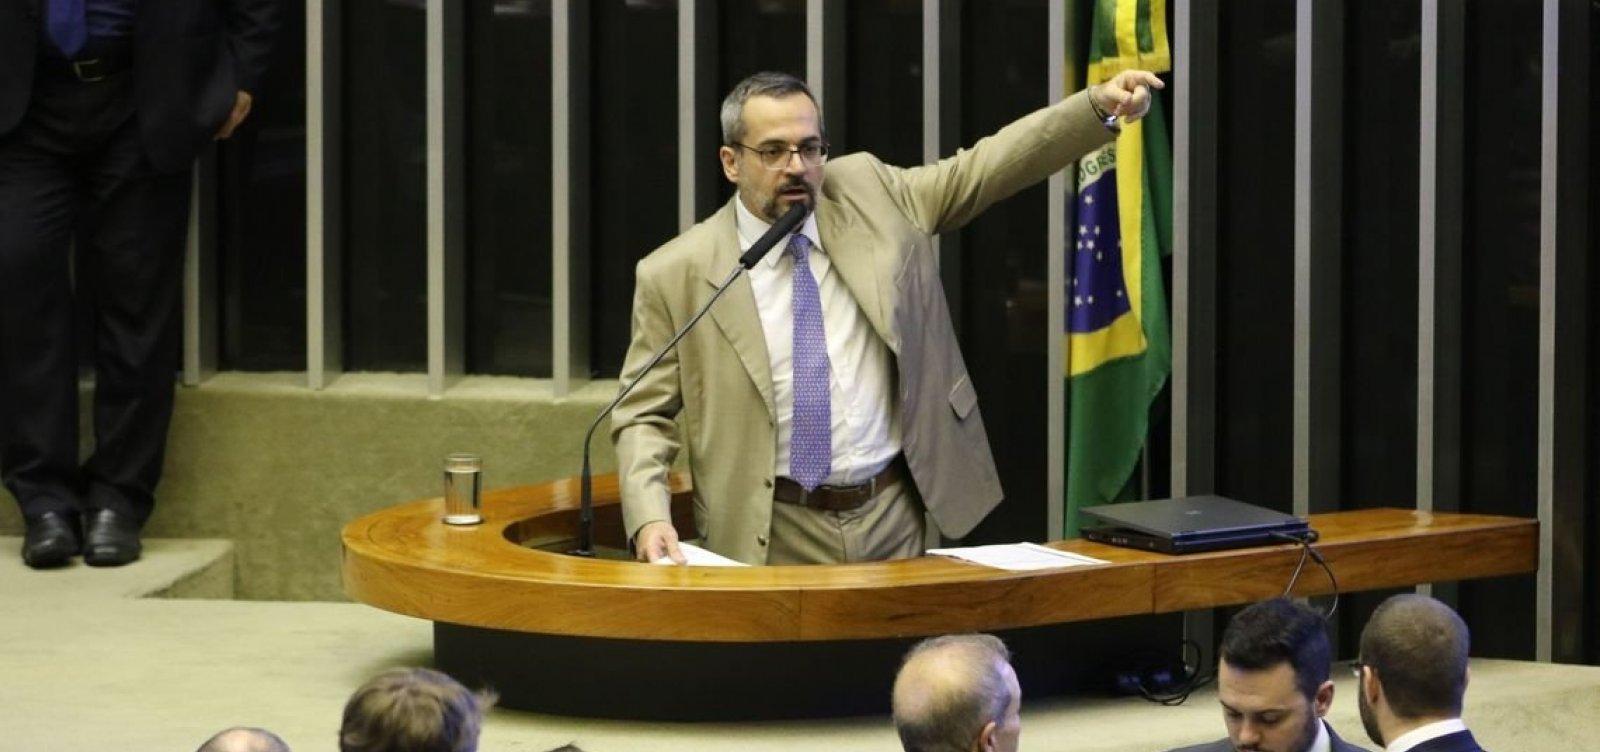 [Ministro da Educação diz que bloqueio de recursos é culpa de Dilma e Temer]